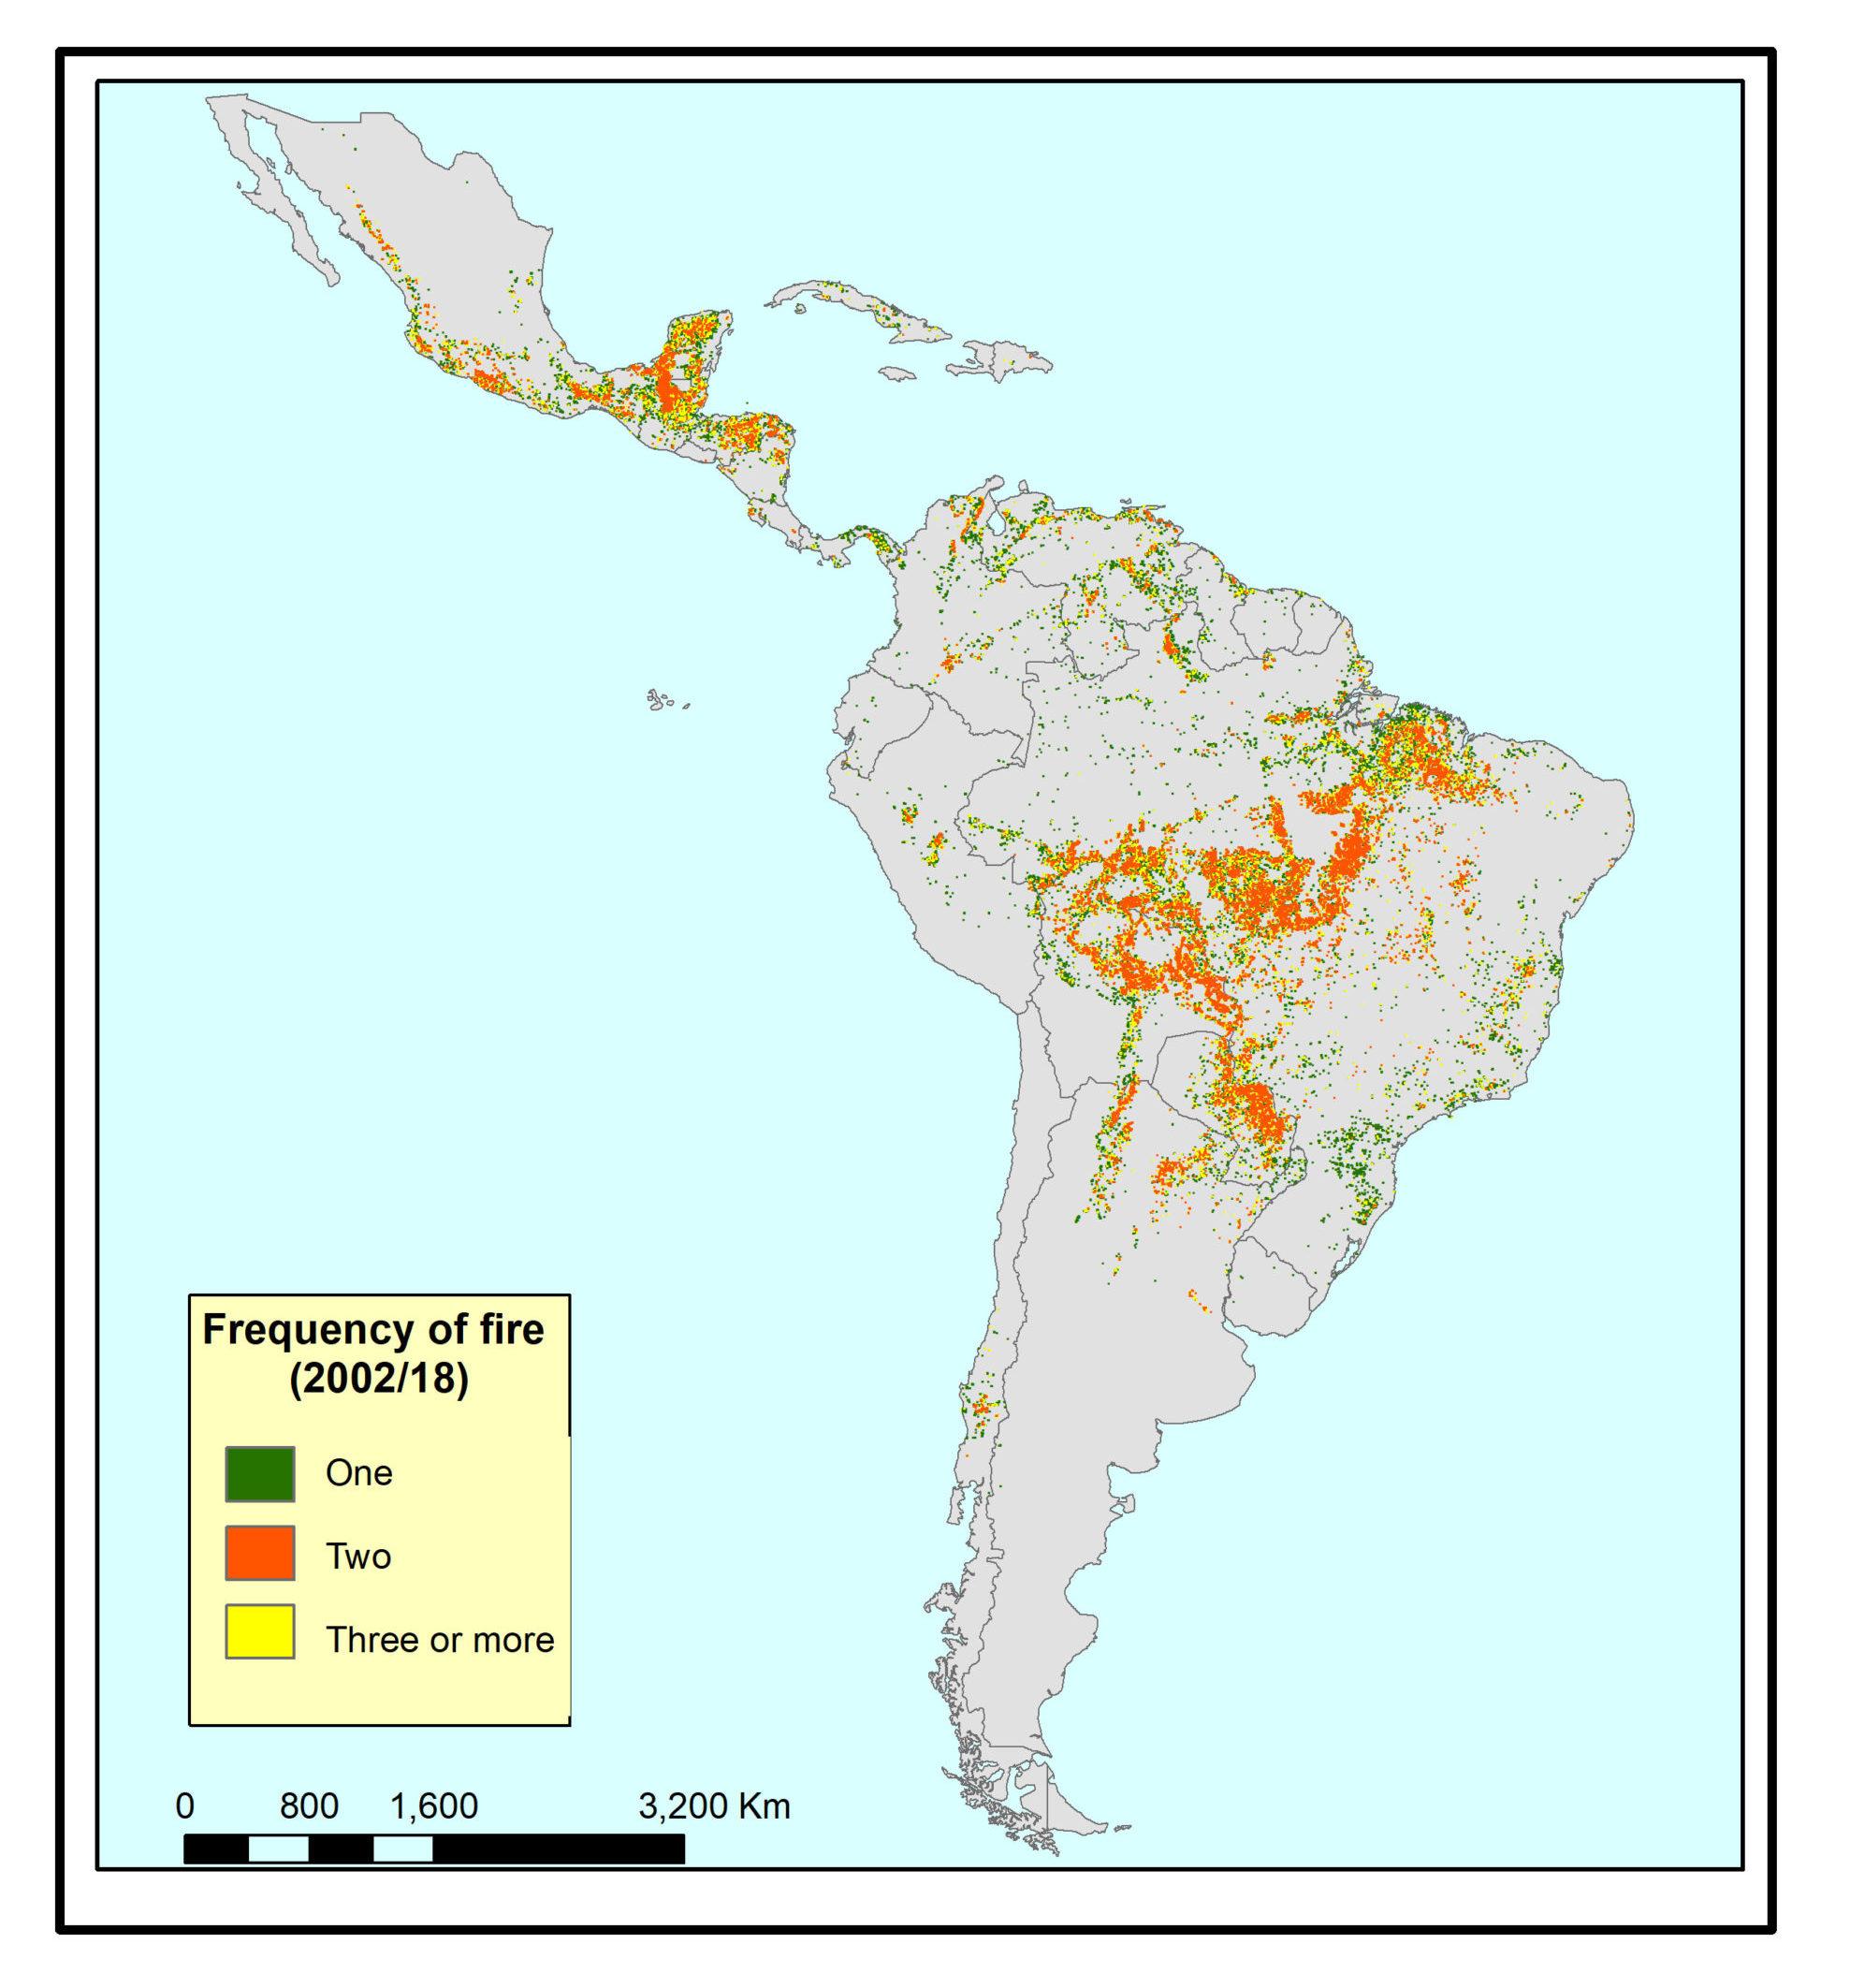 Frecuencia de incendios entres 2002 y 2018. Verde = 1 incendio. Rojo = 2 incendios. Amarillo = 3 o más incendios. Fuente: Artículo 'Pérdida inducida por incendios de los bosques con mayor biodiversidad del mundo en Latinoamérica'.